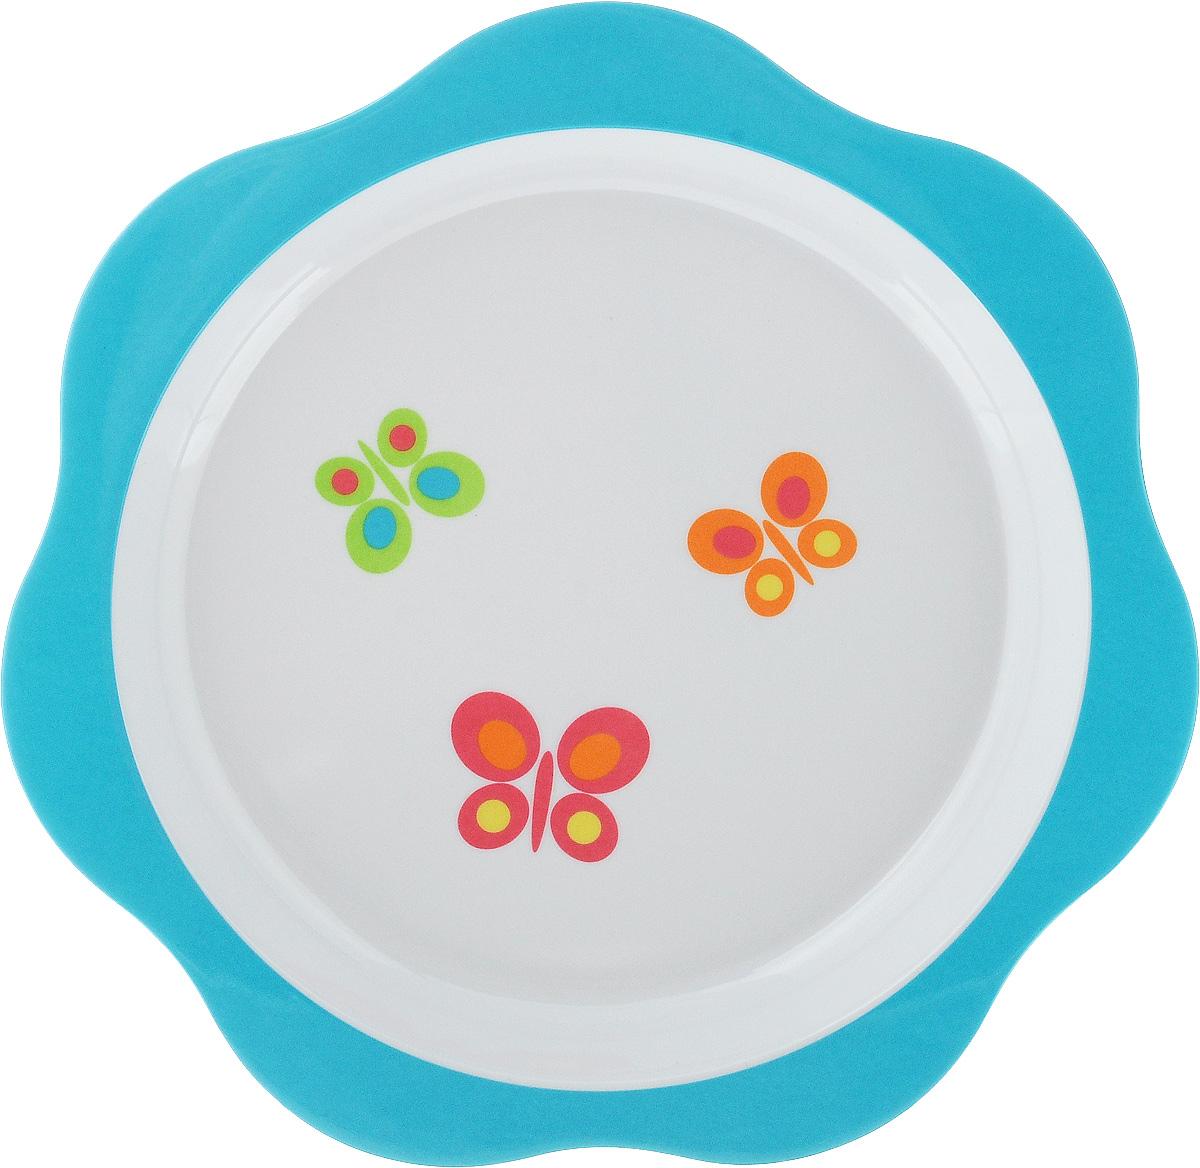 Тарелка детская Tescoma Bambini. Бабочки, цвет: голубой, белый, диаметр 22 см668012_голубойДетская тарелка Tescoma Bambini. Бабочки изготовлена из безопасного пластика.Тарелочка, оформленная веселой картинкой забавных бабочек, понравится и малышу, и родителям! Ребенок будет с удовольствием учиться кушать самостоятельно.Тарелочка подходит для горячей и холодной пищи. Можно использовать в посудомоечной машине. Нельзя использовать в микроволновой печи.Внешний диаметр тарелки: 22 см. Внутренний диаметр тарелки: 17,7 см.